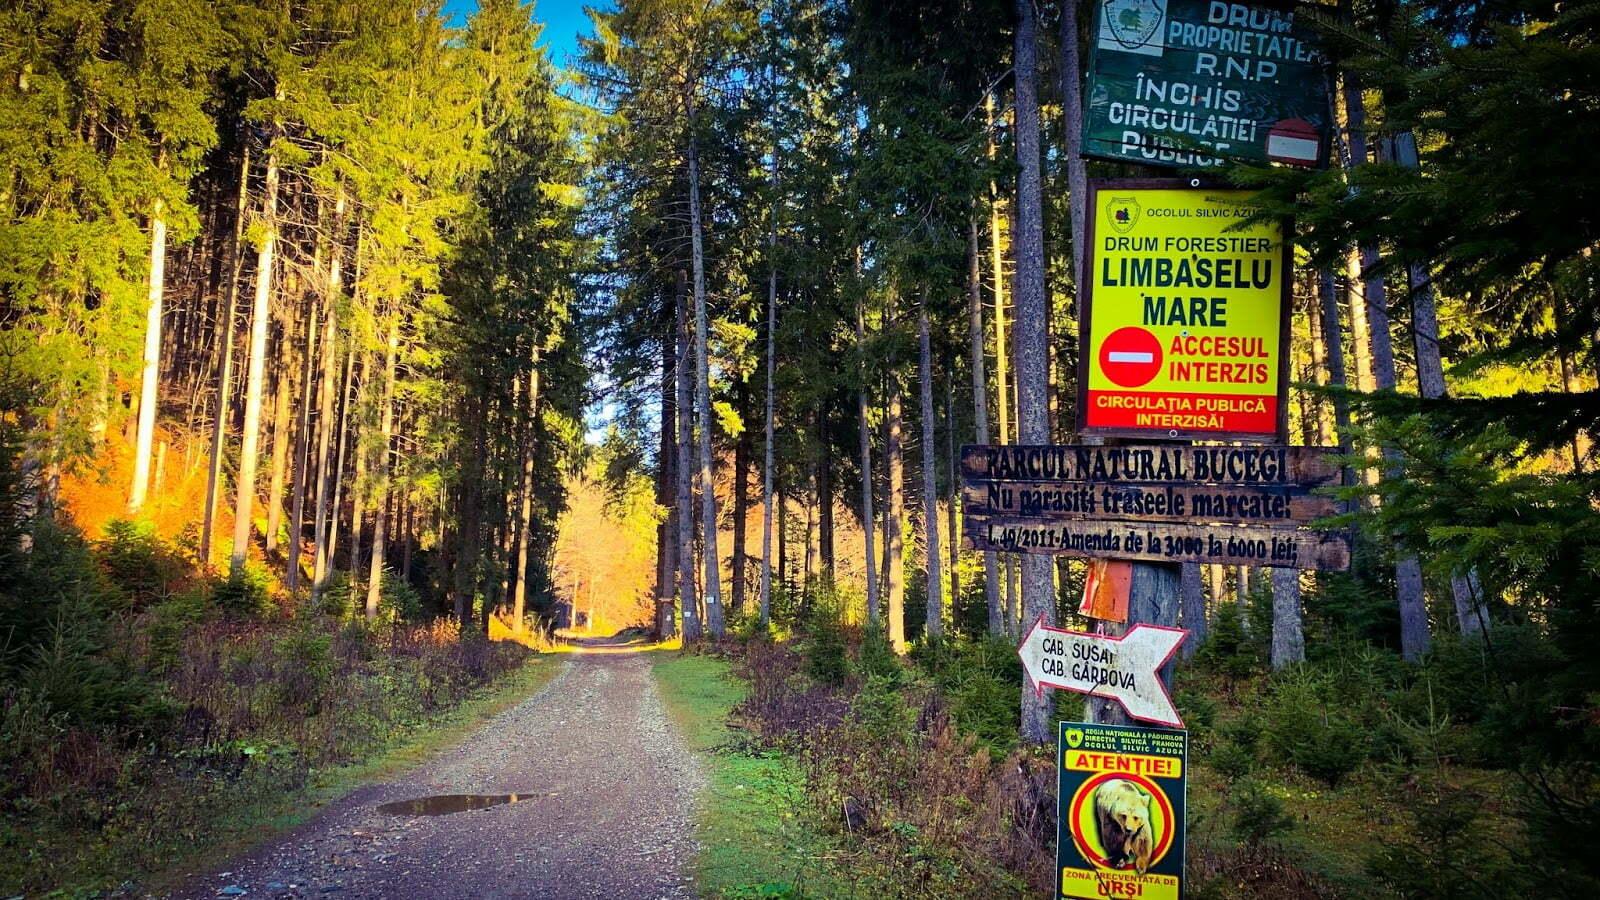 Un bărbat s-a dus să facă jogging prin pădure și nu s-a mai întors acasă. A fost găsit sfâșiat de un urs între Azuga și Predeal